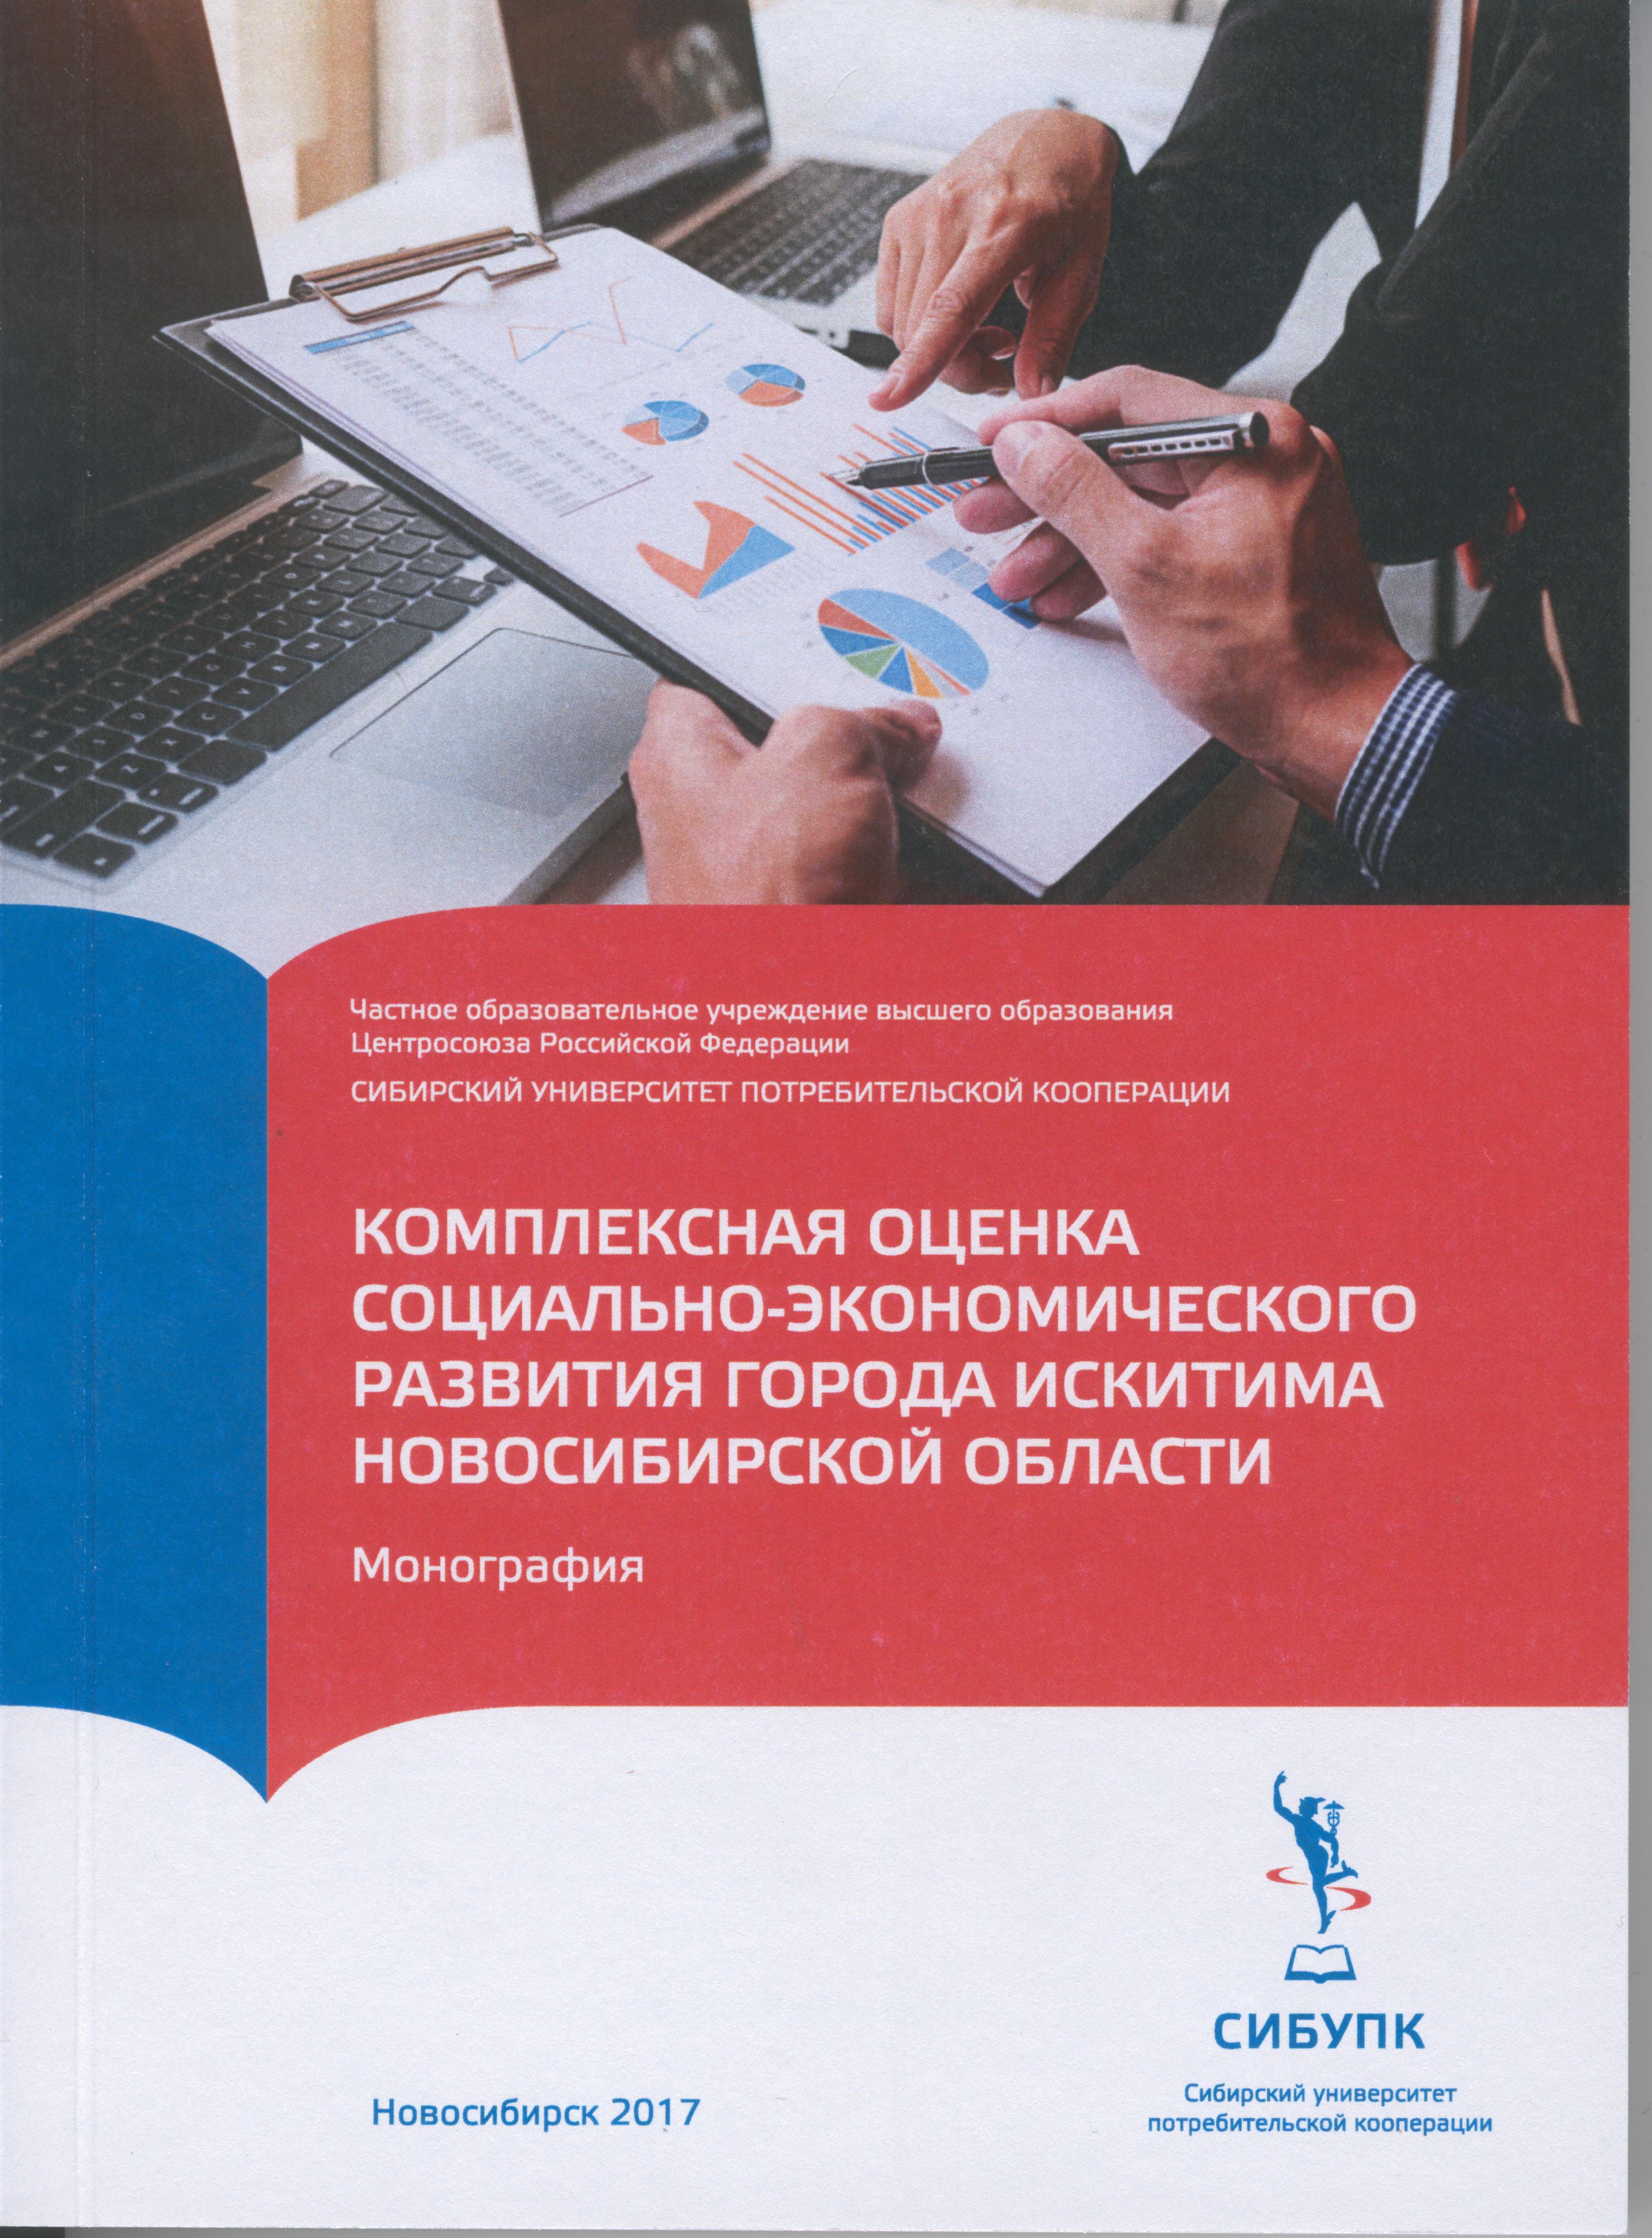 Комплексная оценка социально-экономического развития города Искитима Новосибирской области